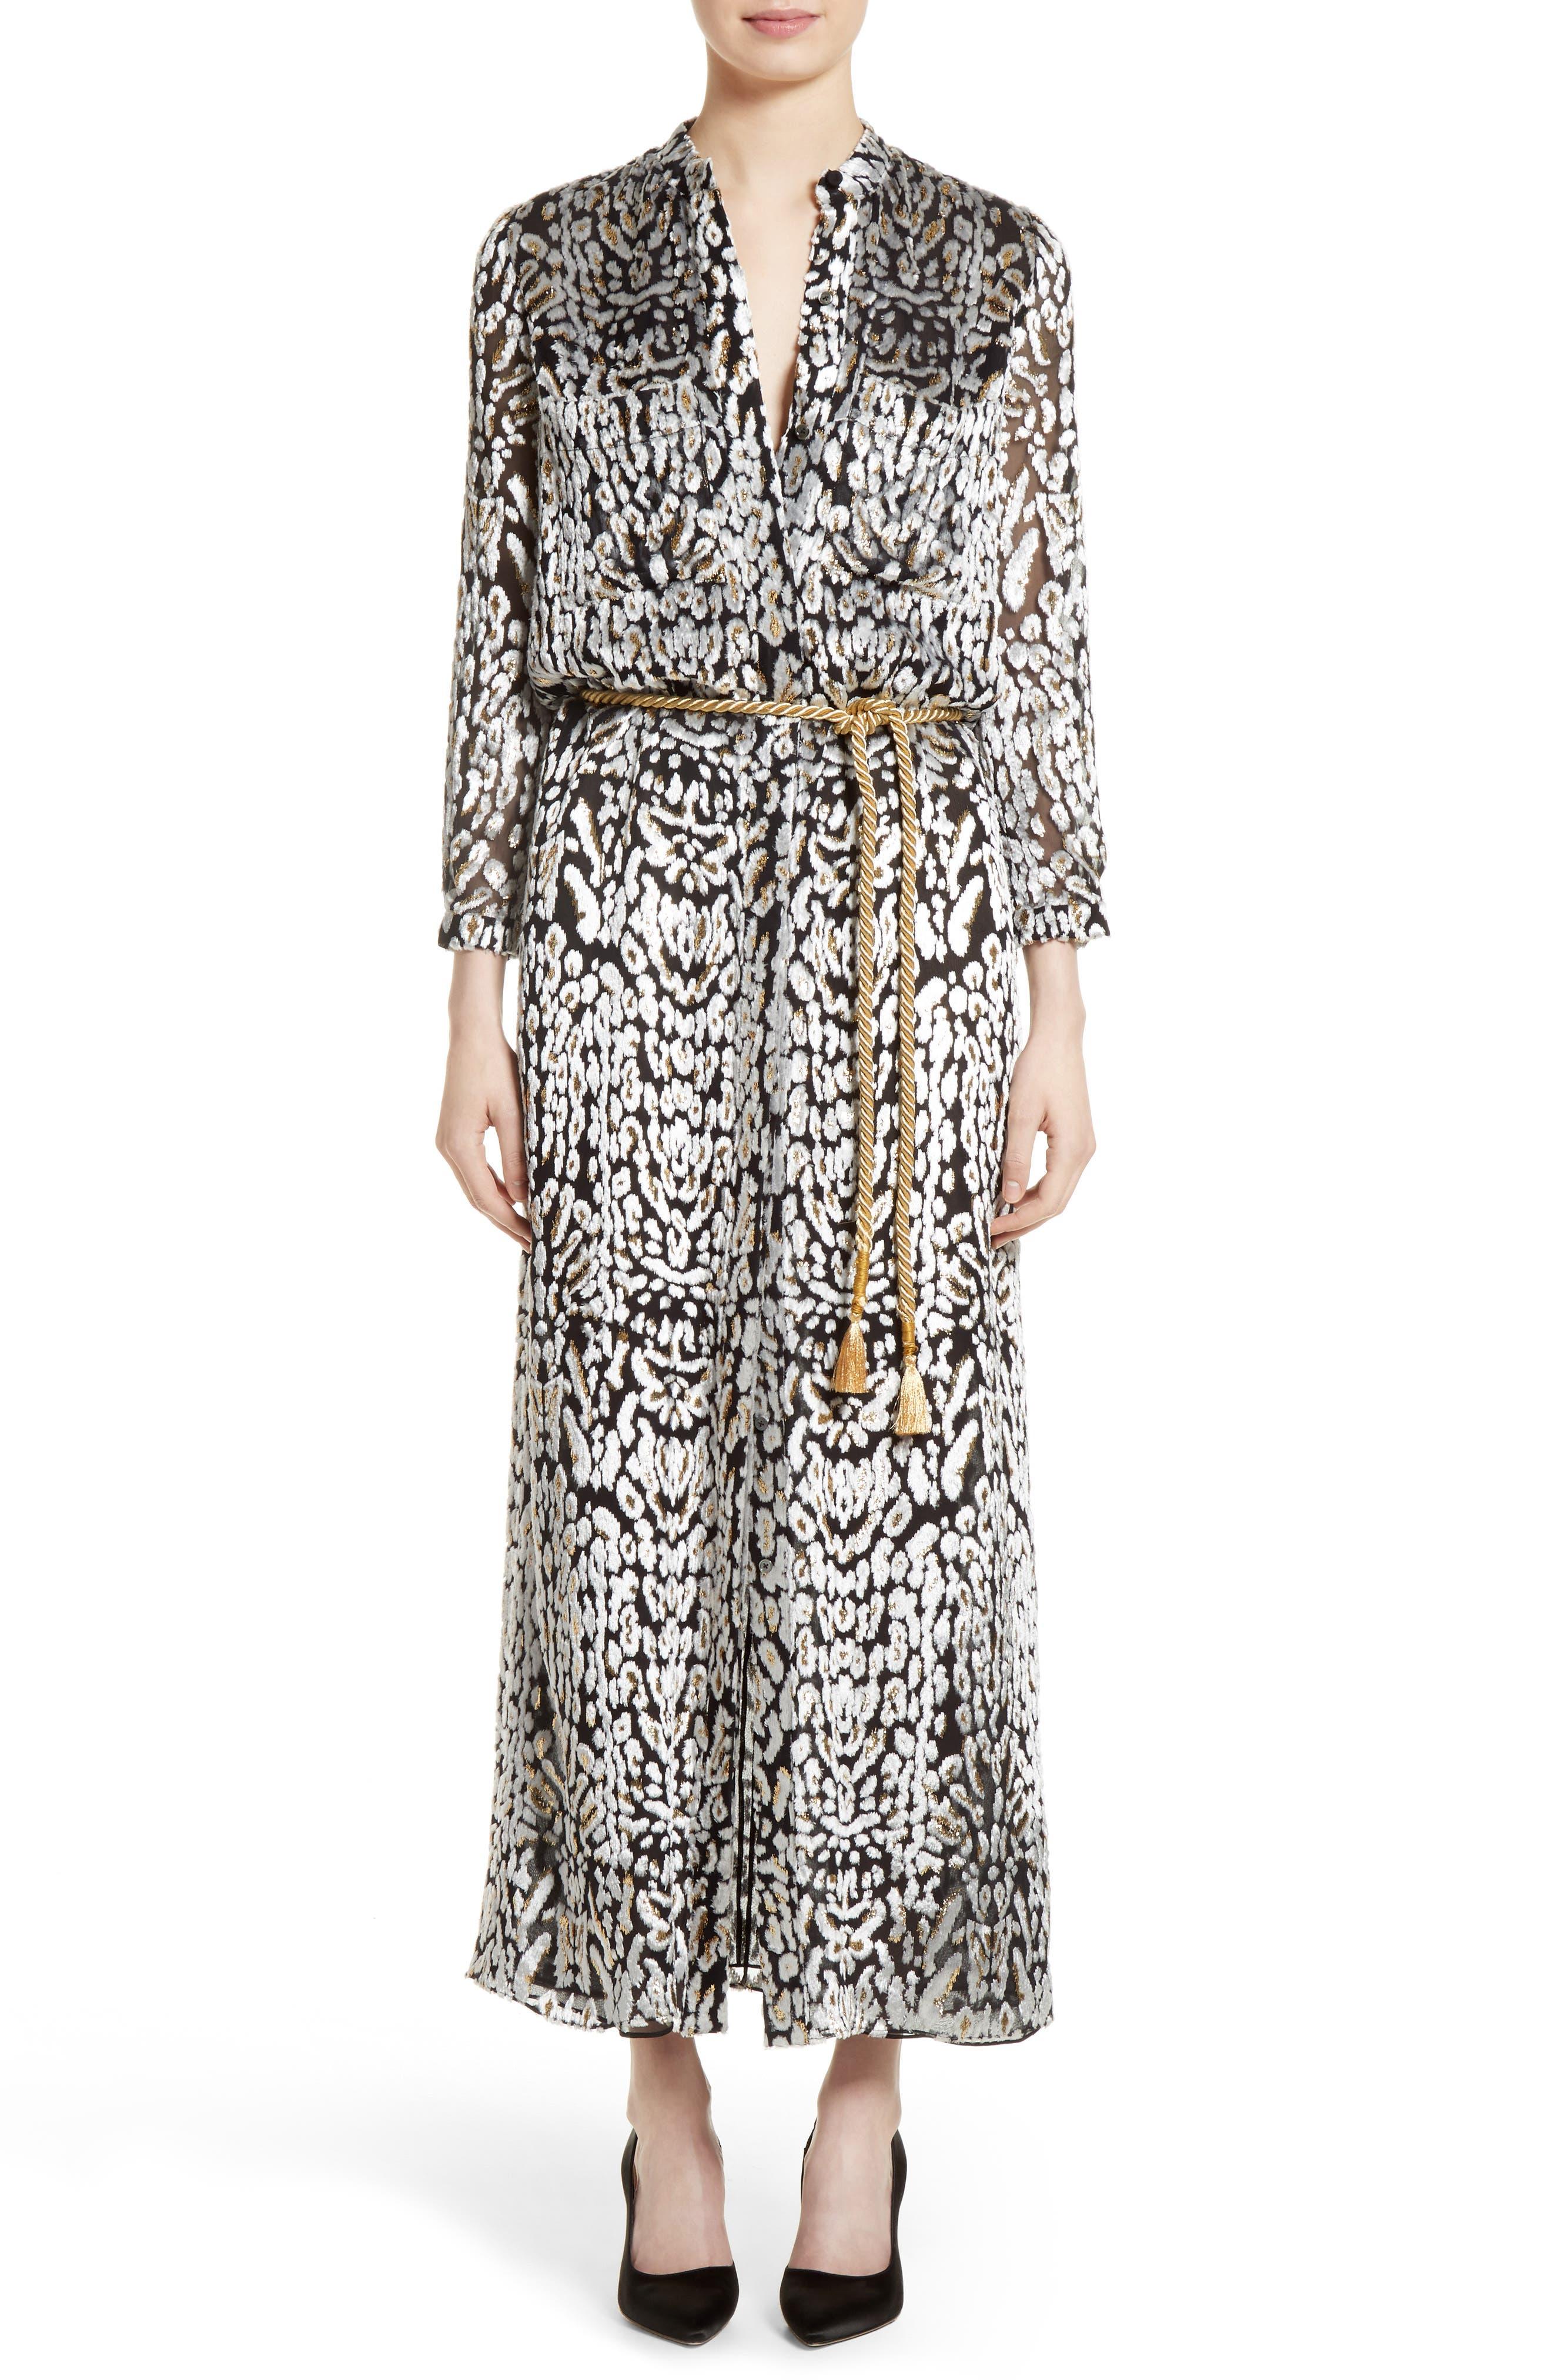 Ocelot Print Velvet Jacquard Dress,                             Main thumbnail 1, color,                             001